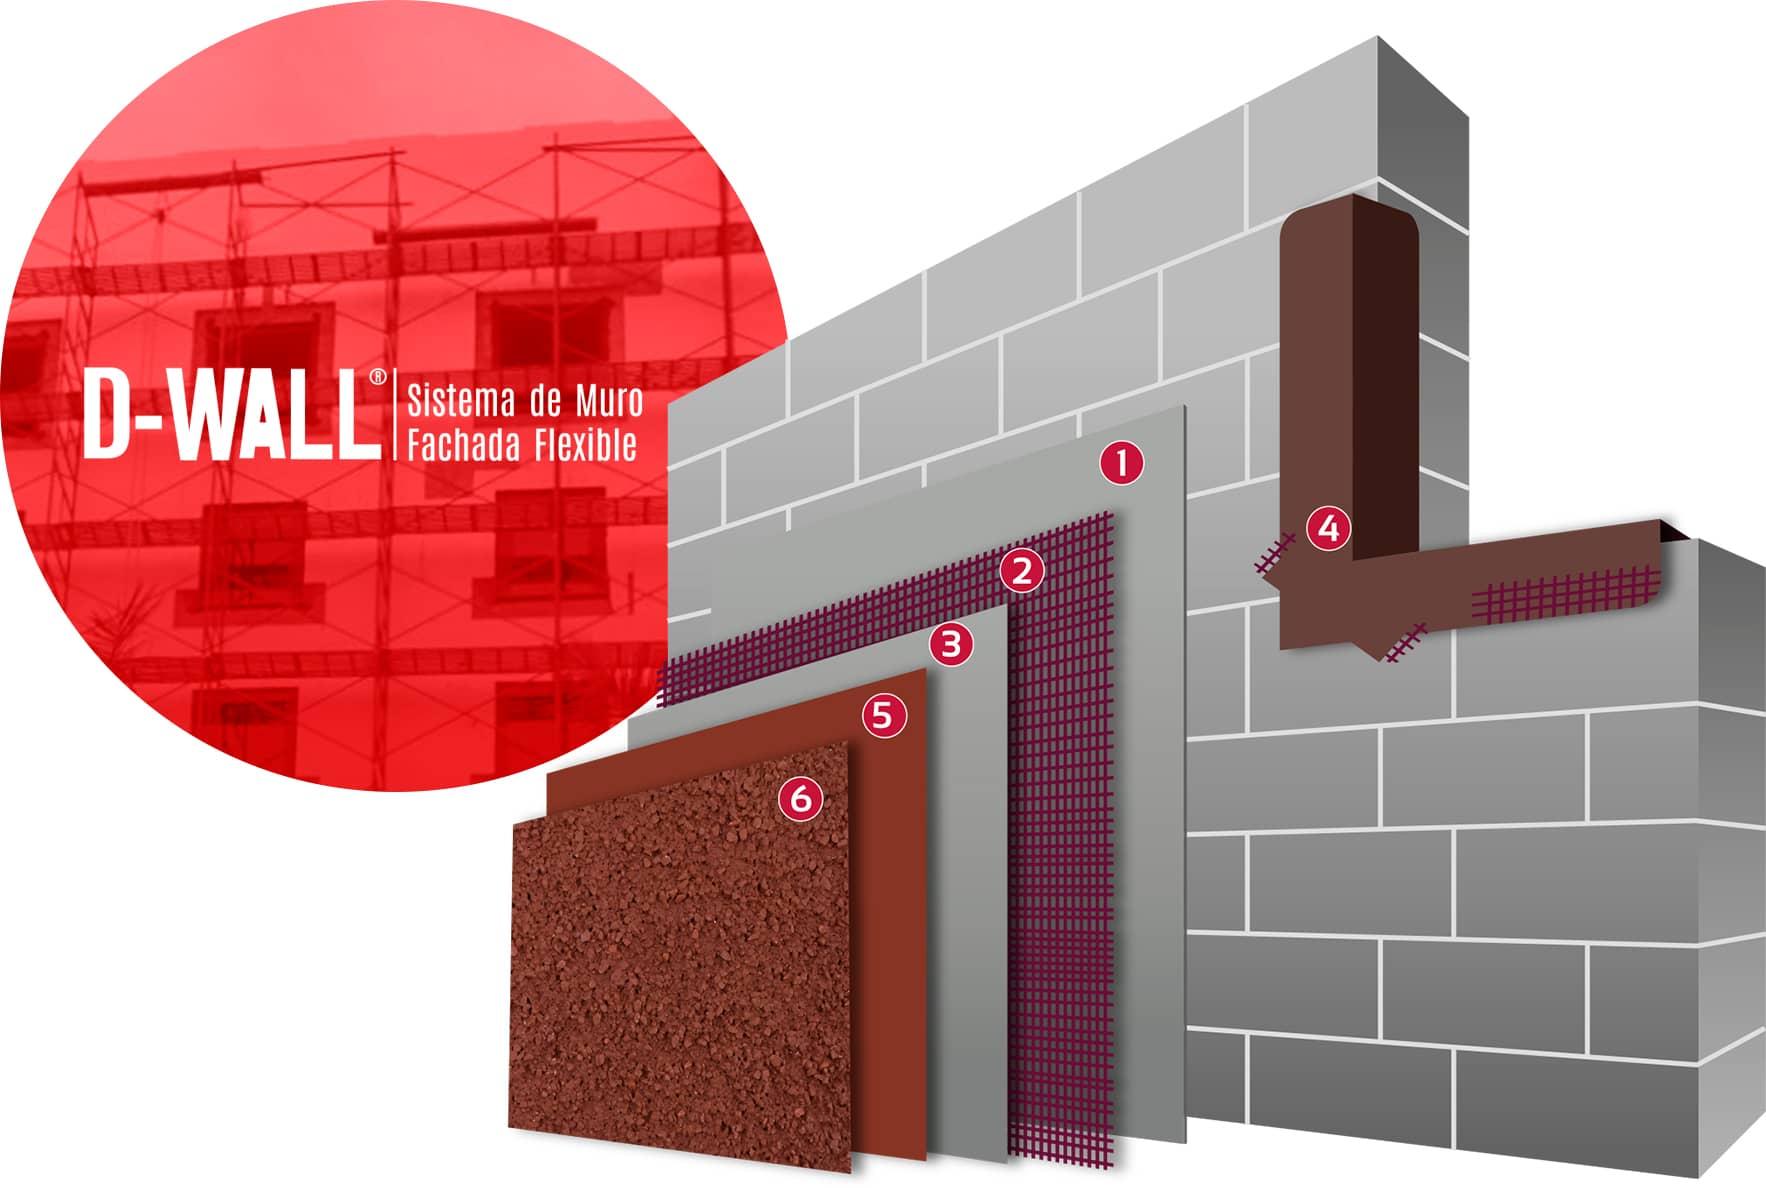 D-Wall Sistema de Muro Fachada Flexible